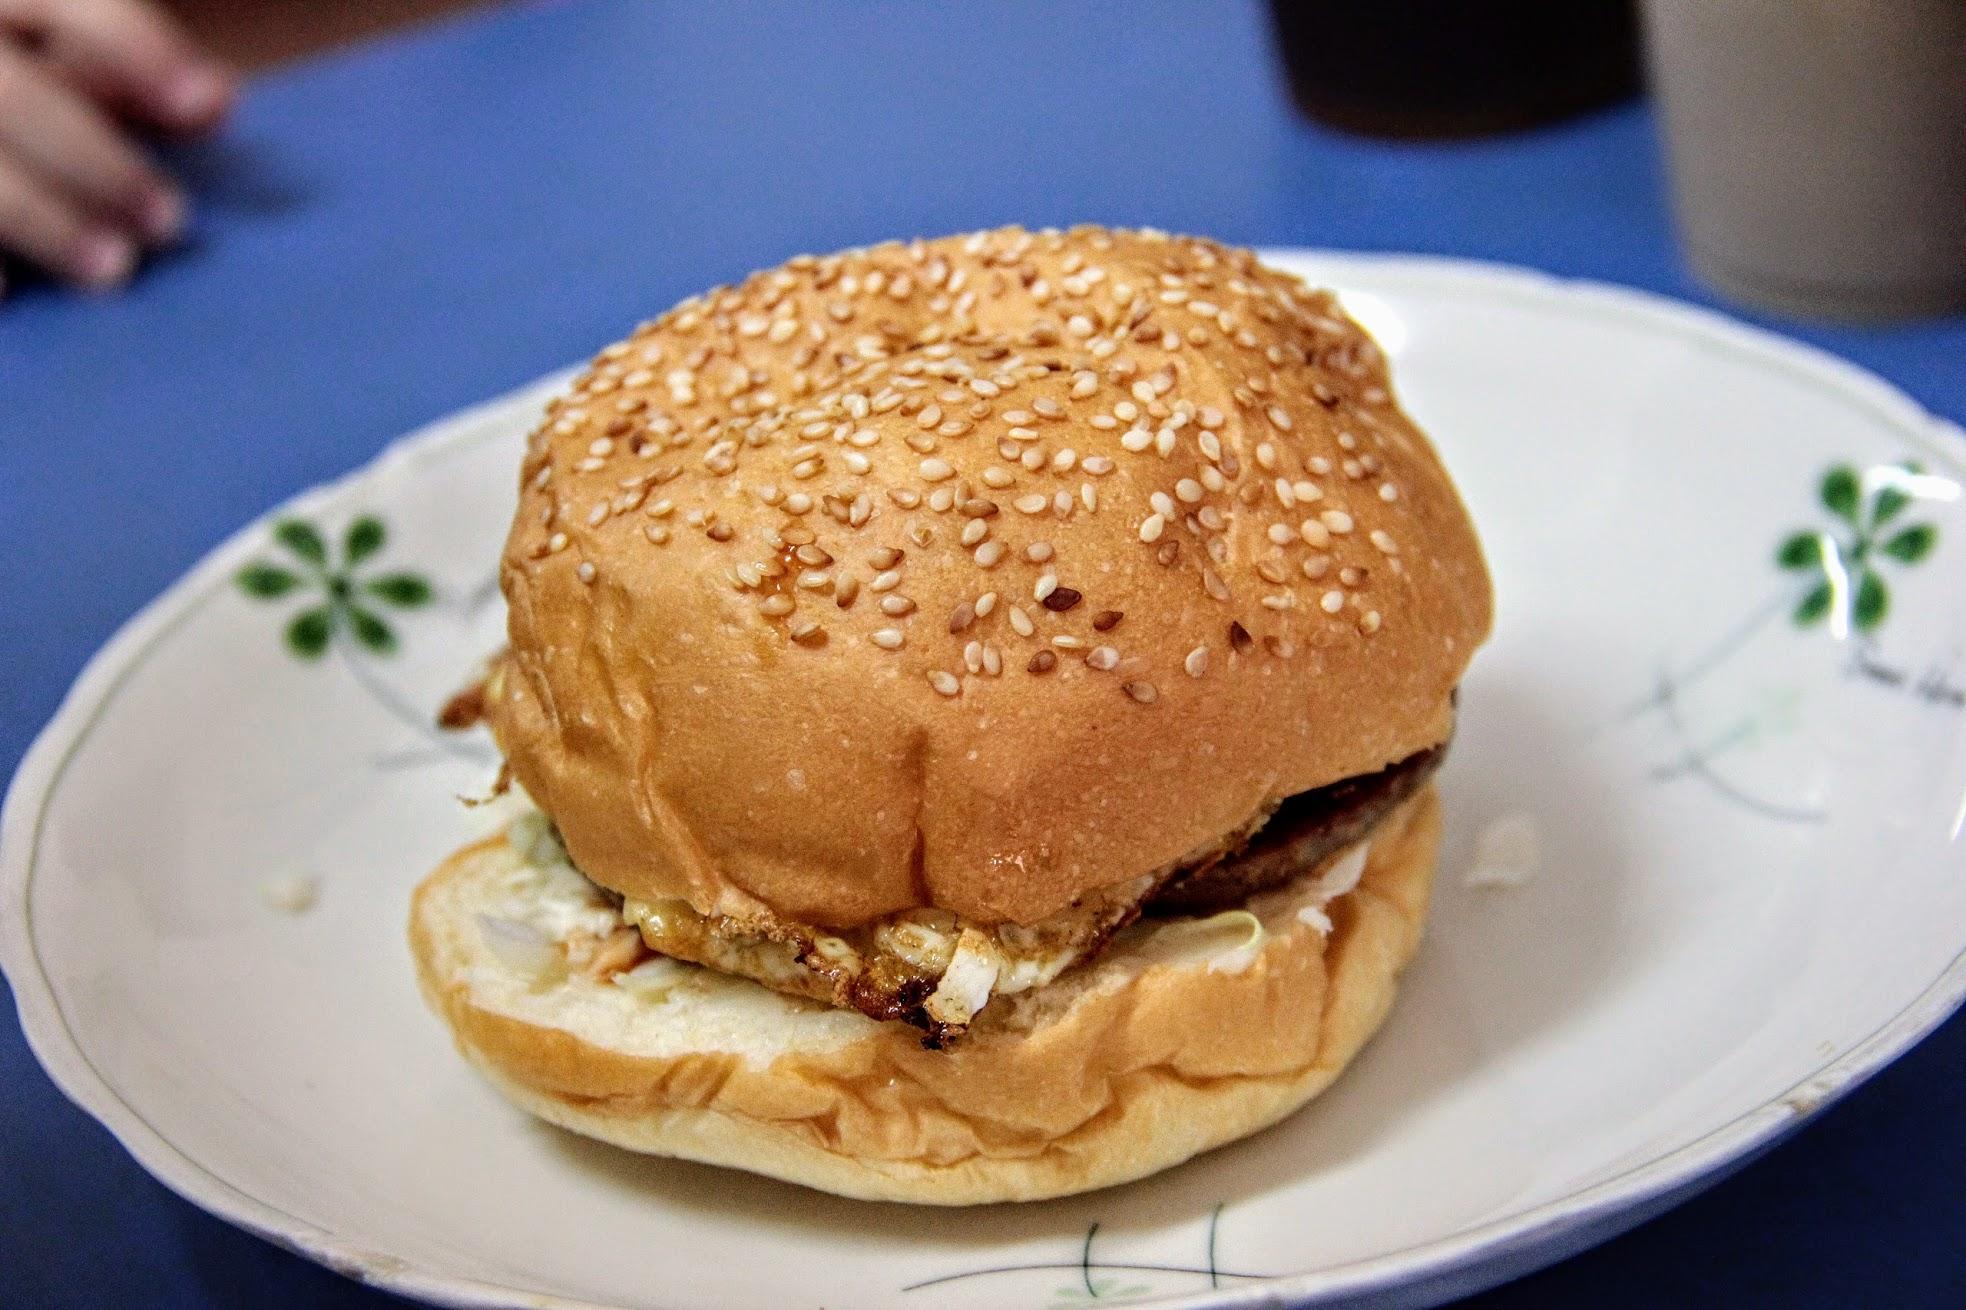 漢堡夾蛋,就是真的一顆漢堡,中間多了煎蛋XD